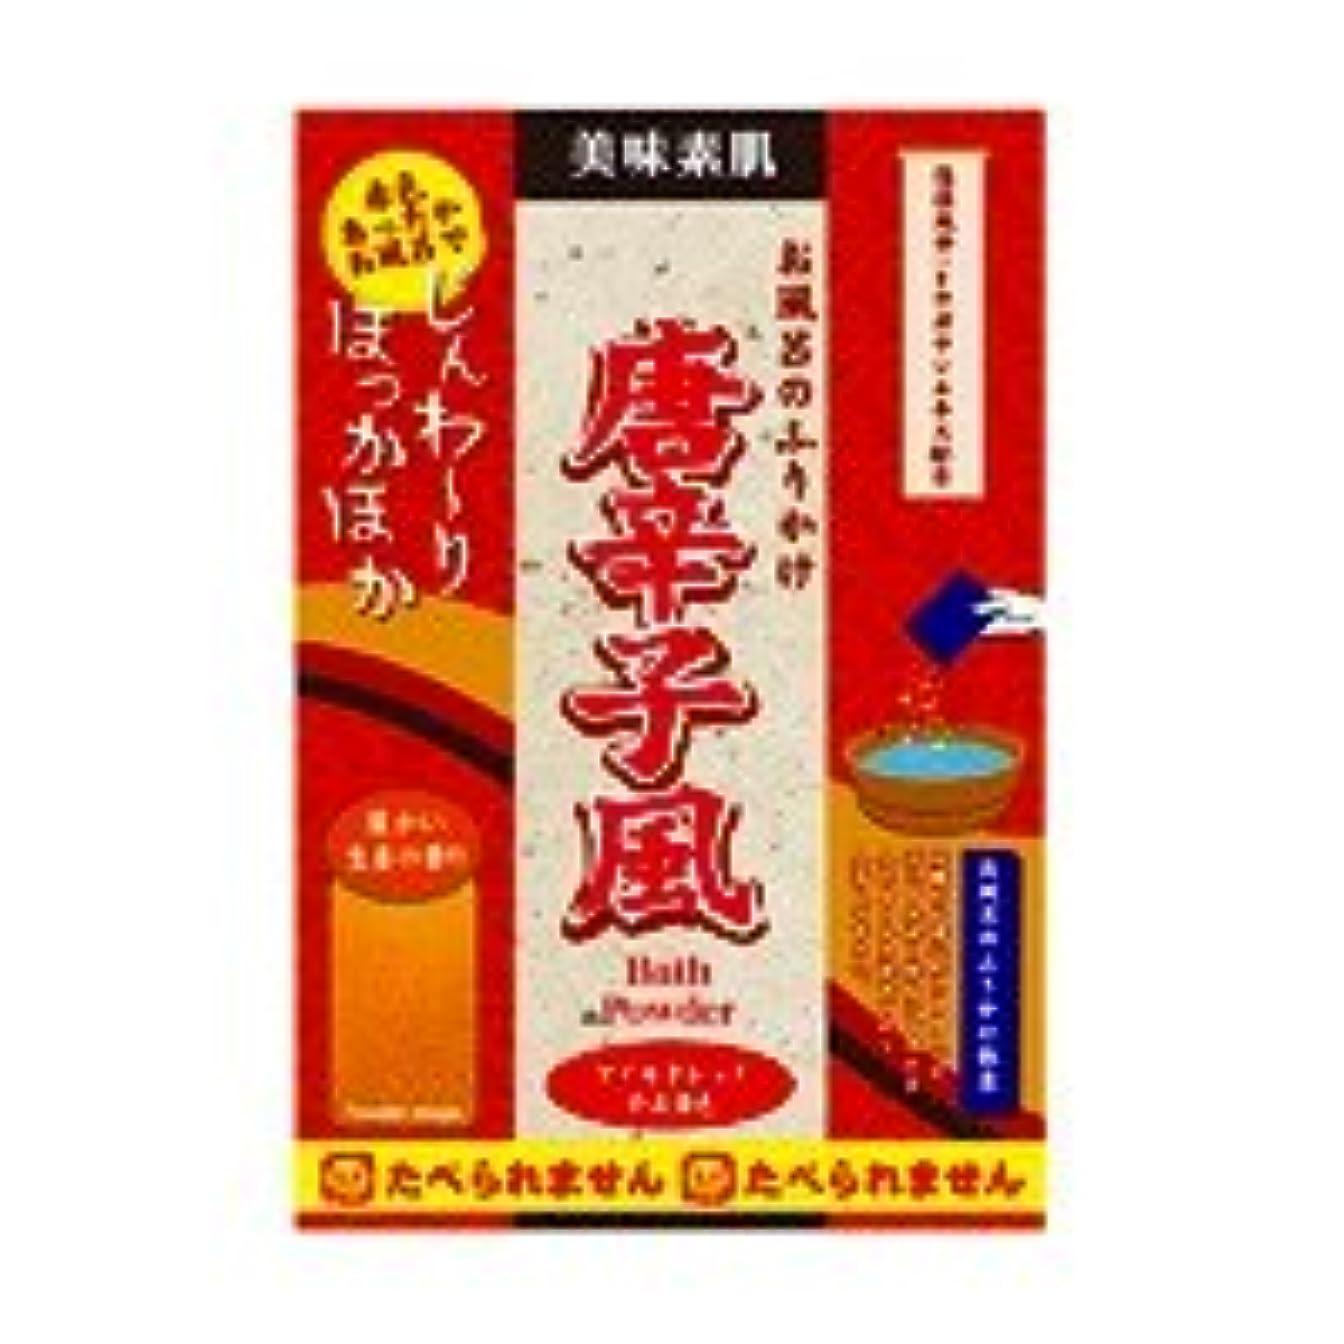 準備する丈夫故障中お風呂のふりかけ「トウガラシ」12個セット マイルドレッドのお湯 温かい生姜の香り